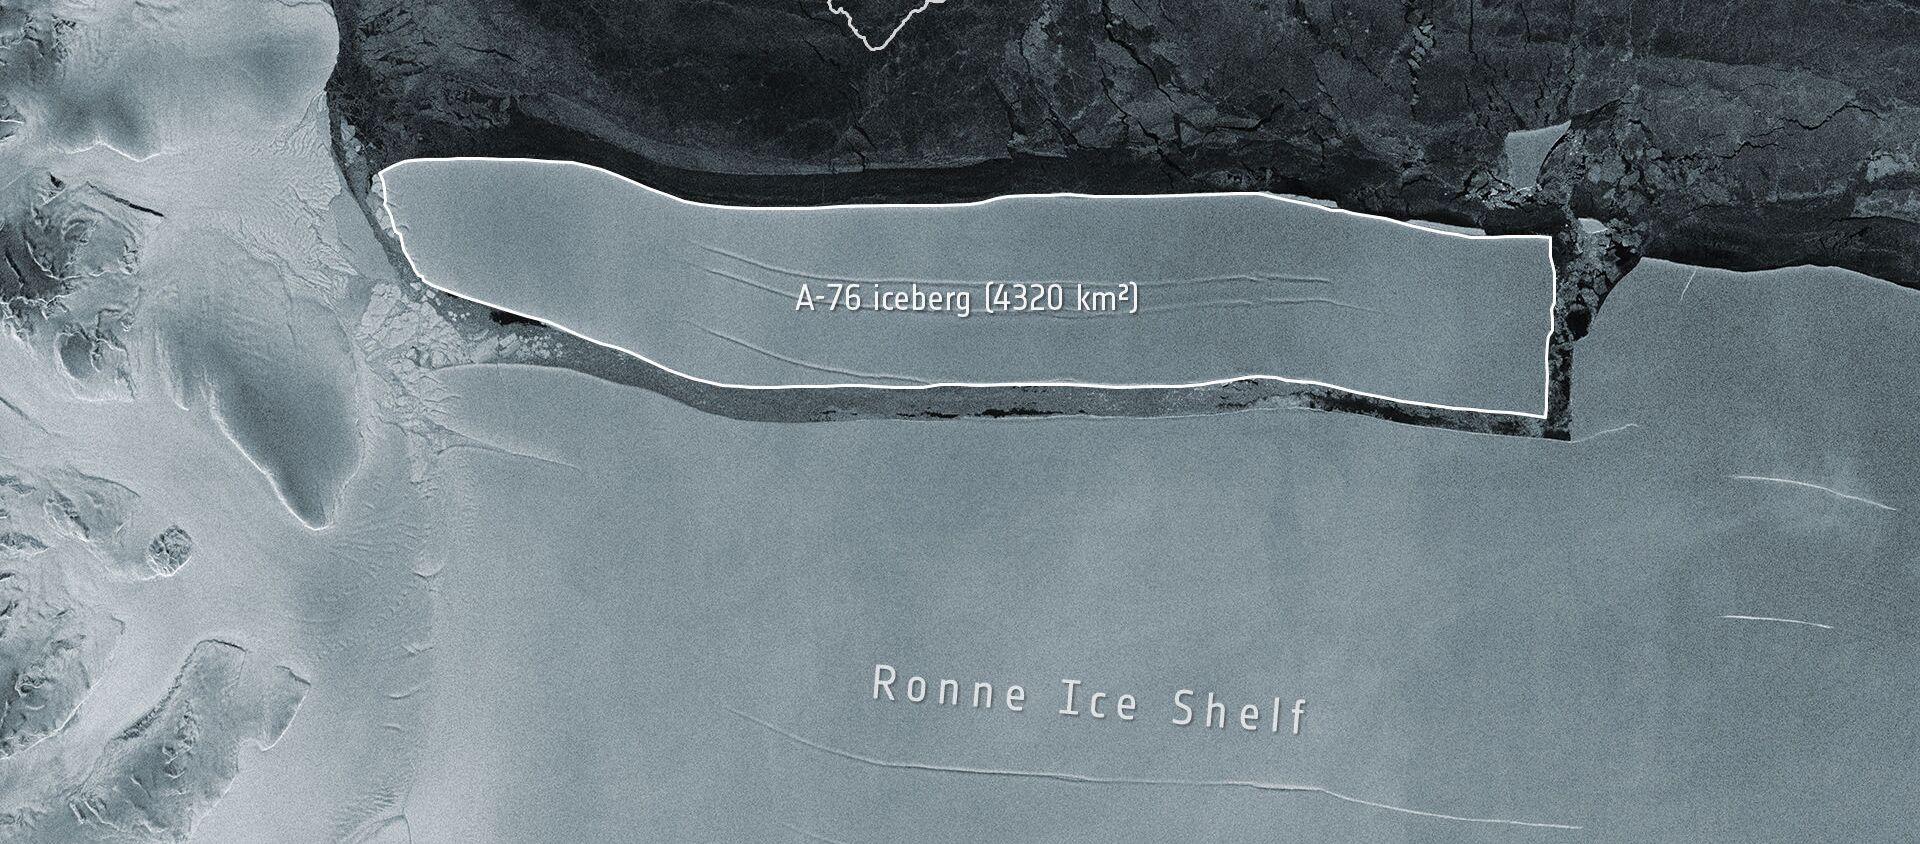 Góra lodowa A-76 - Sputnik Polska, 1920, 20.05.2021